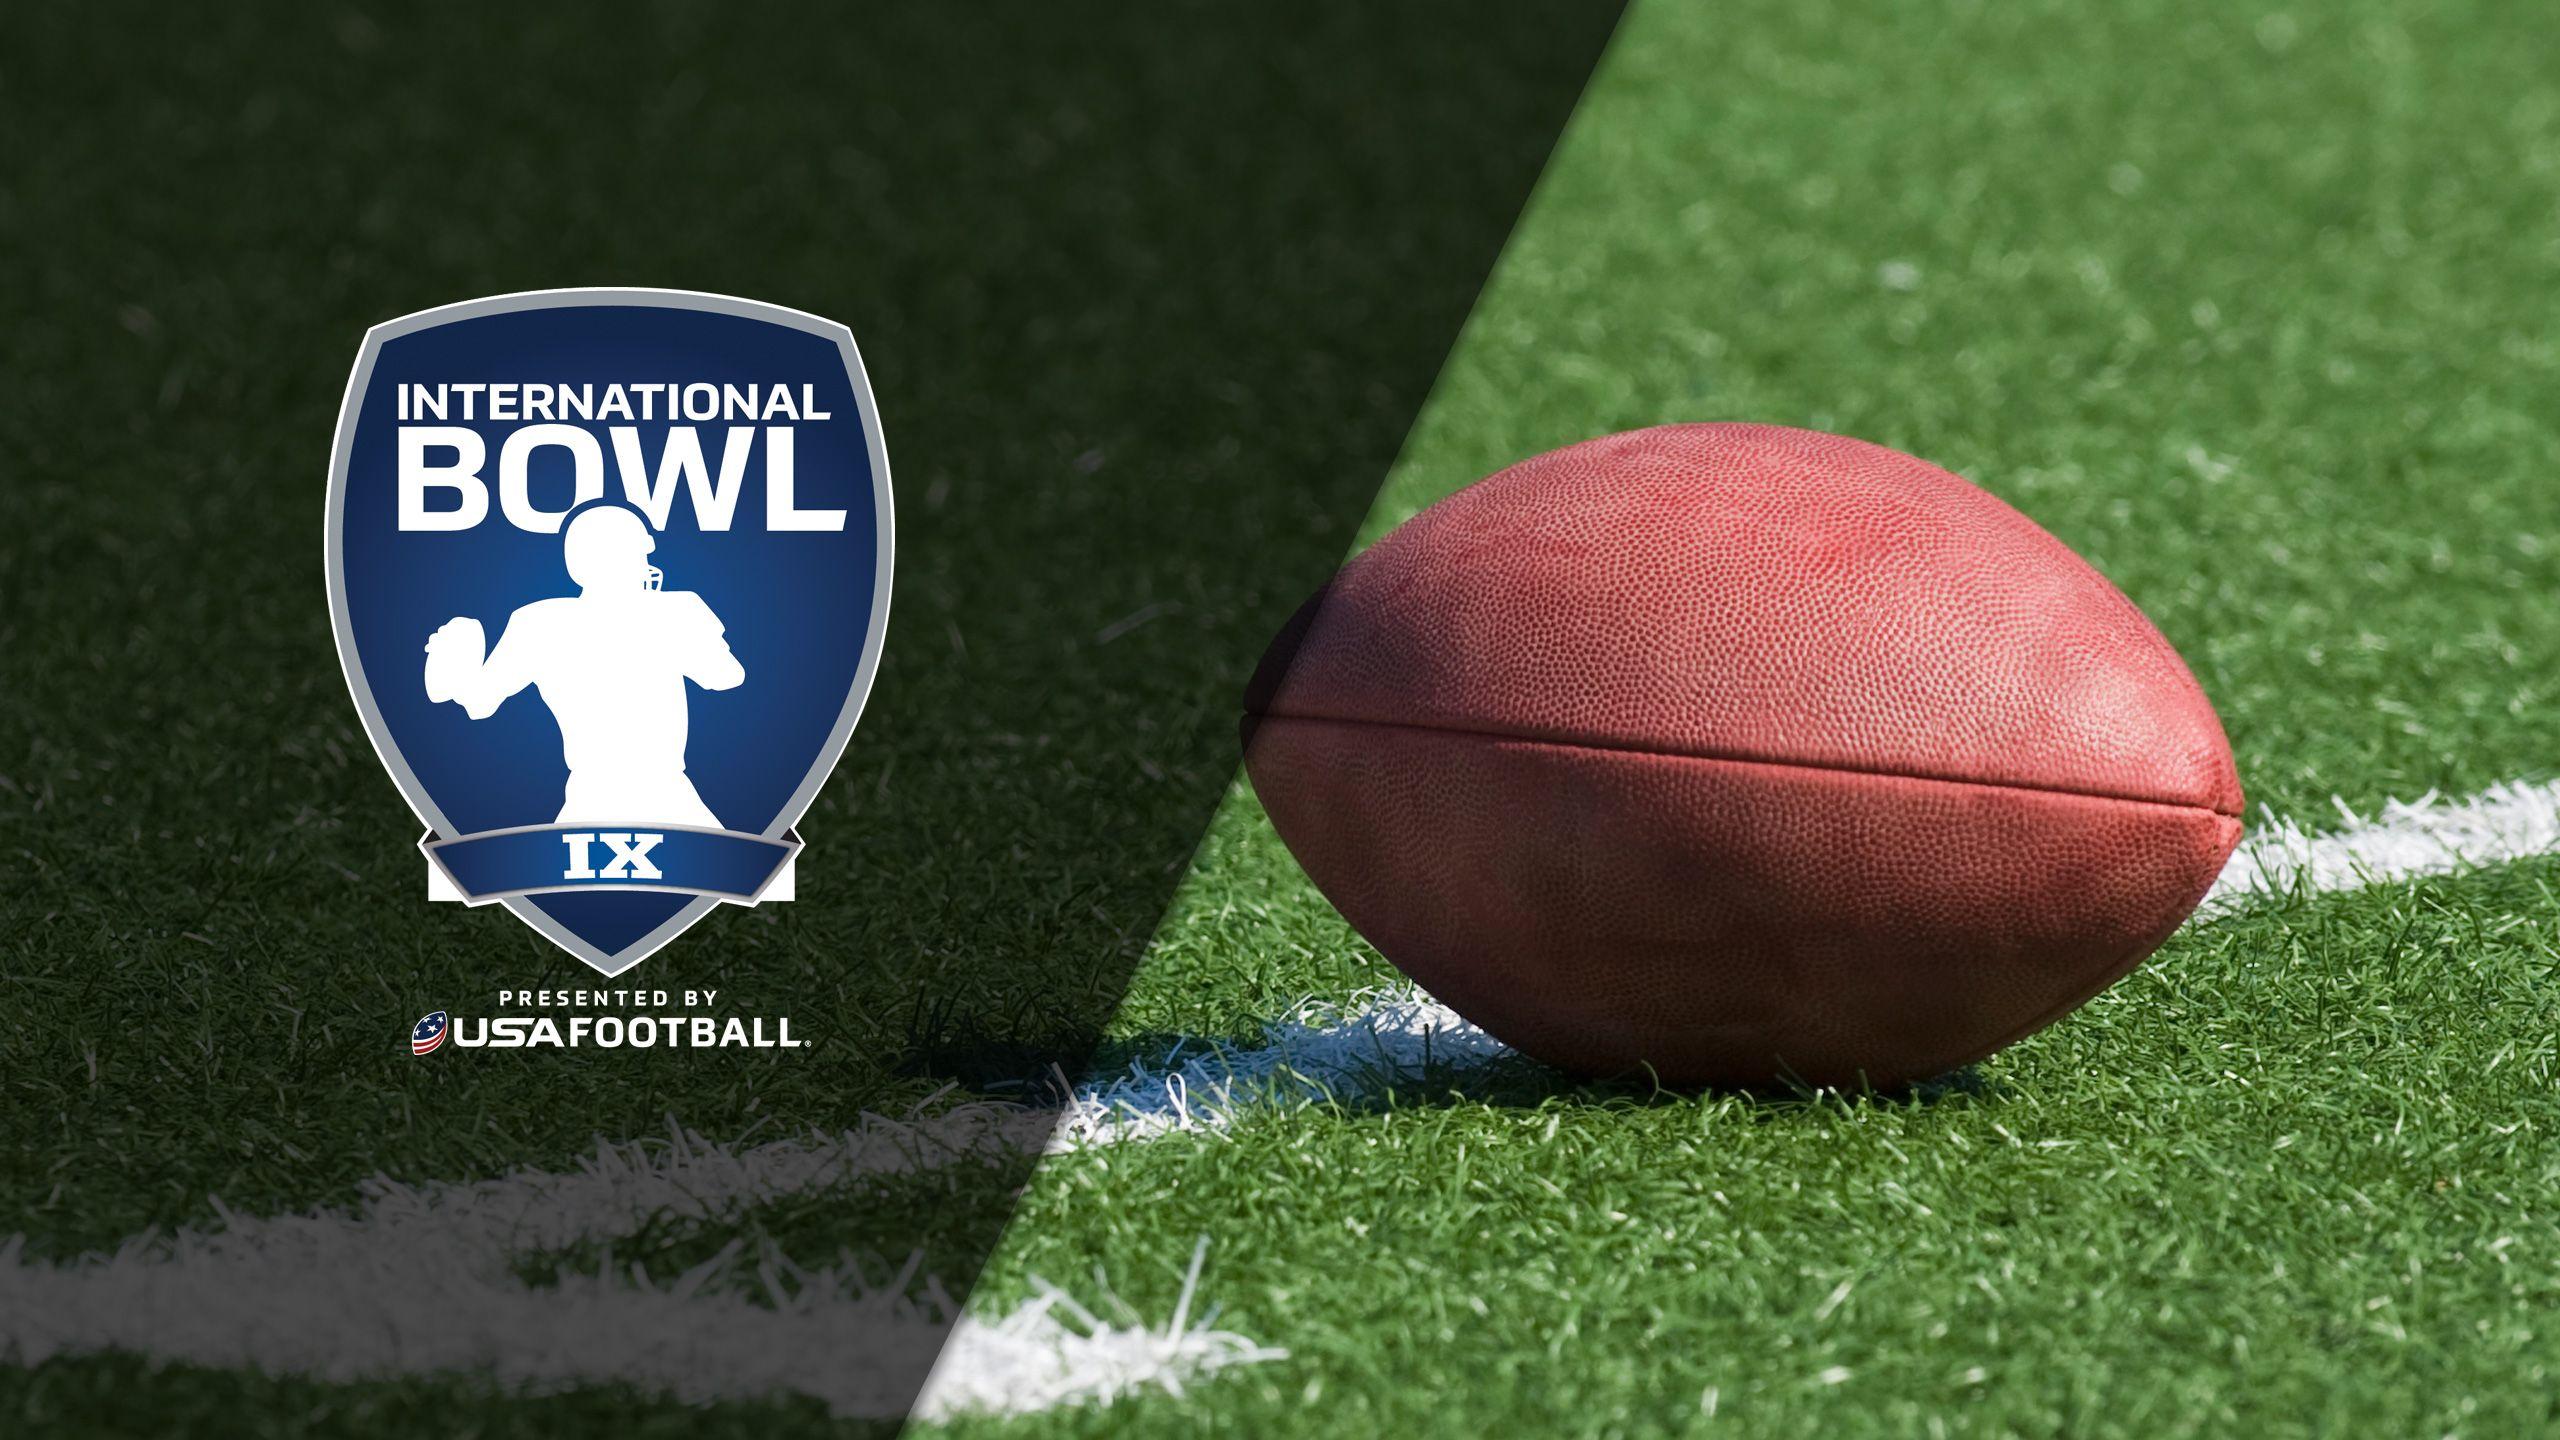 U.S. Under-17 Stars vs. Football Ontario (International Bowl)